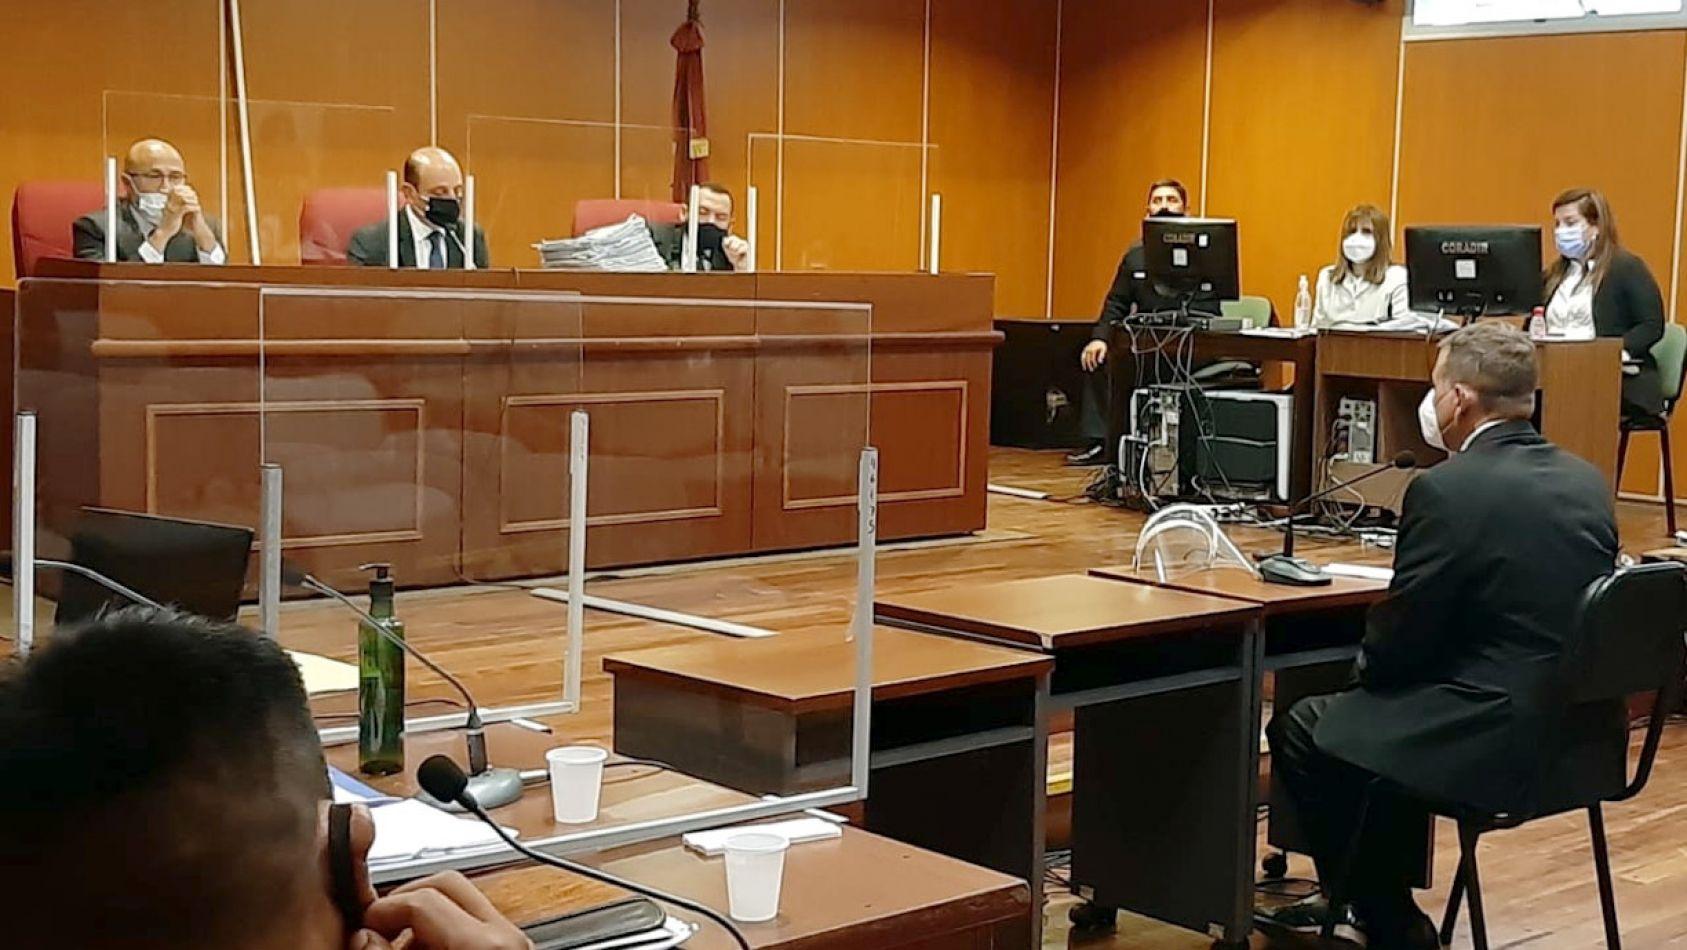 Crimen de Jimena Salas: en el primer día el viudo confesó que engañó a Jimena y luego declaró la niñera